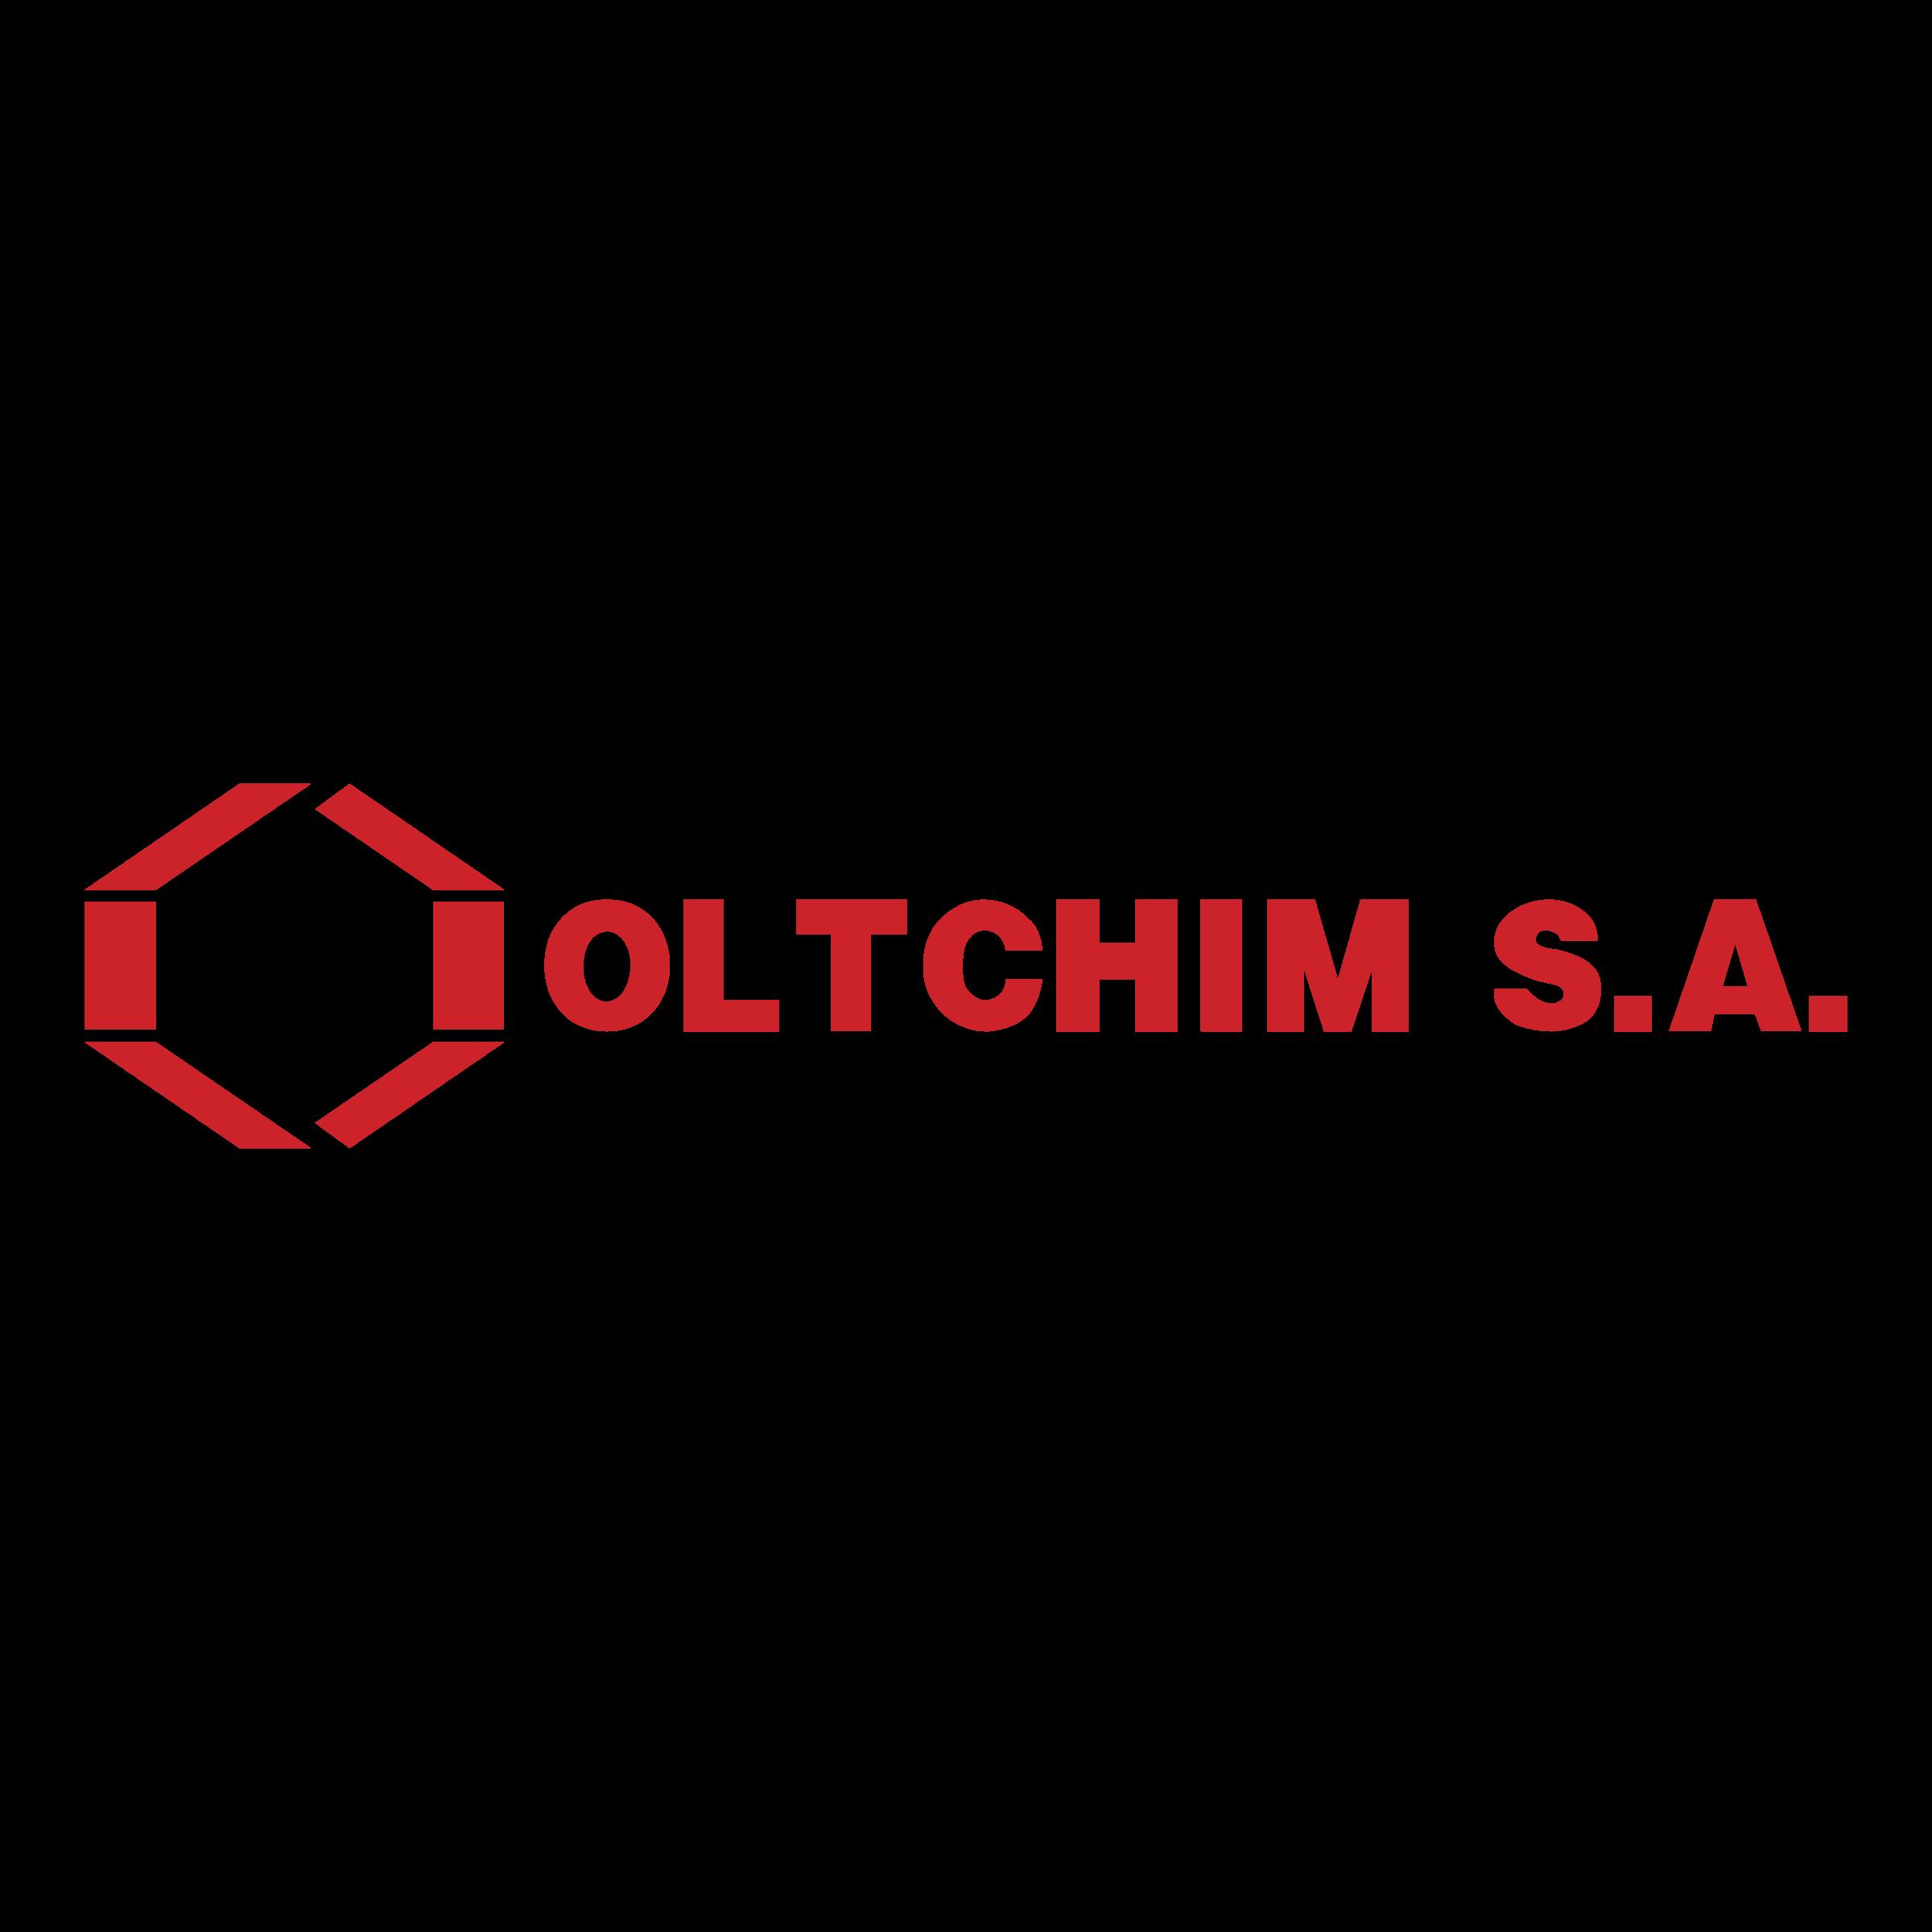 oltchim-logo-png-transparent